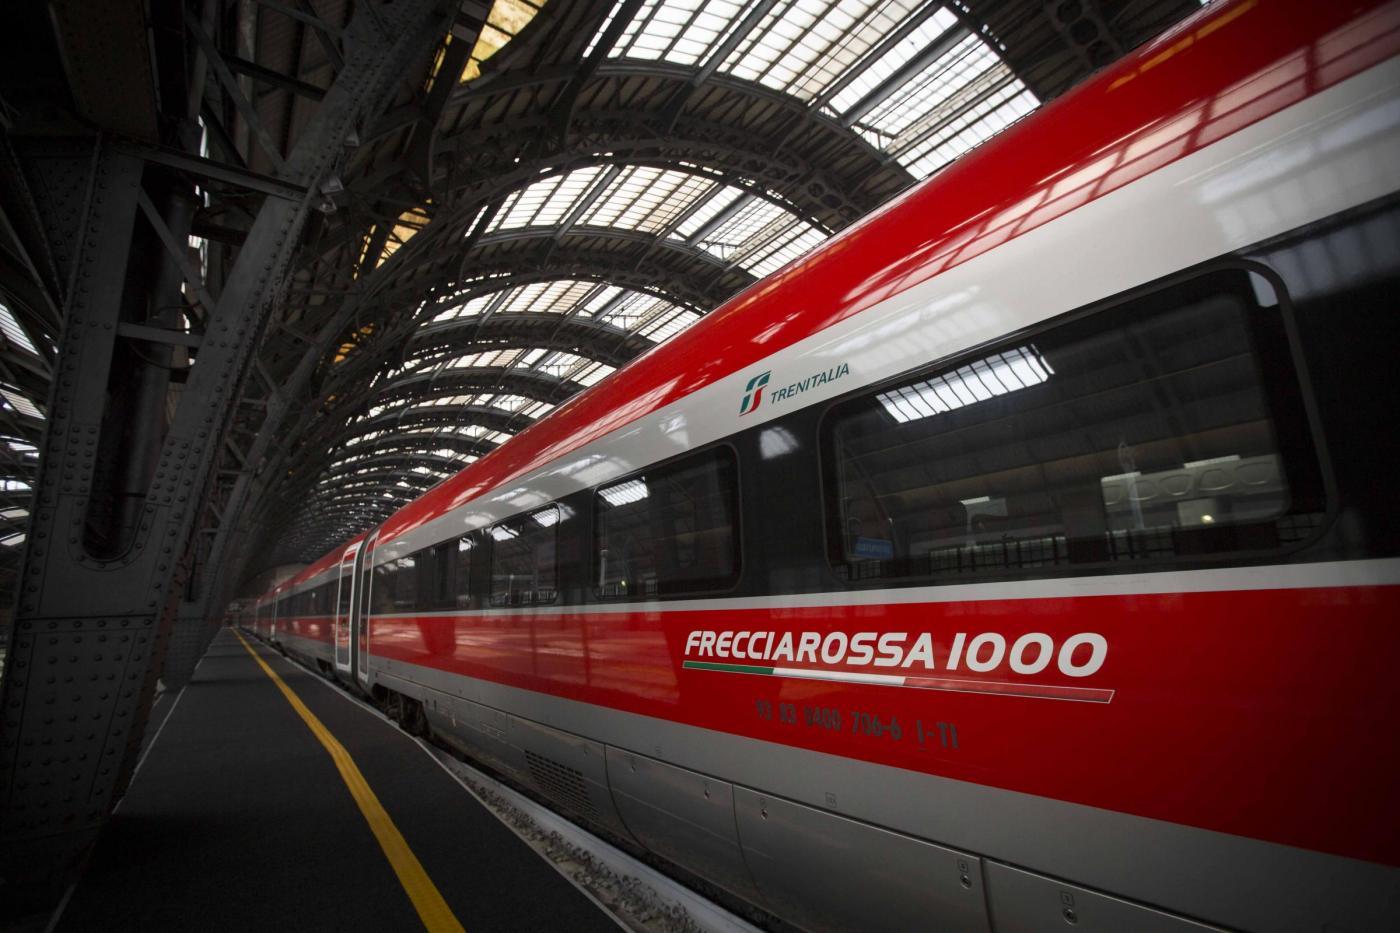 Aspirante suicida si butta sotto a un treno che va a 300 km l'ora: illeso